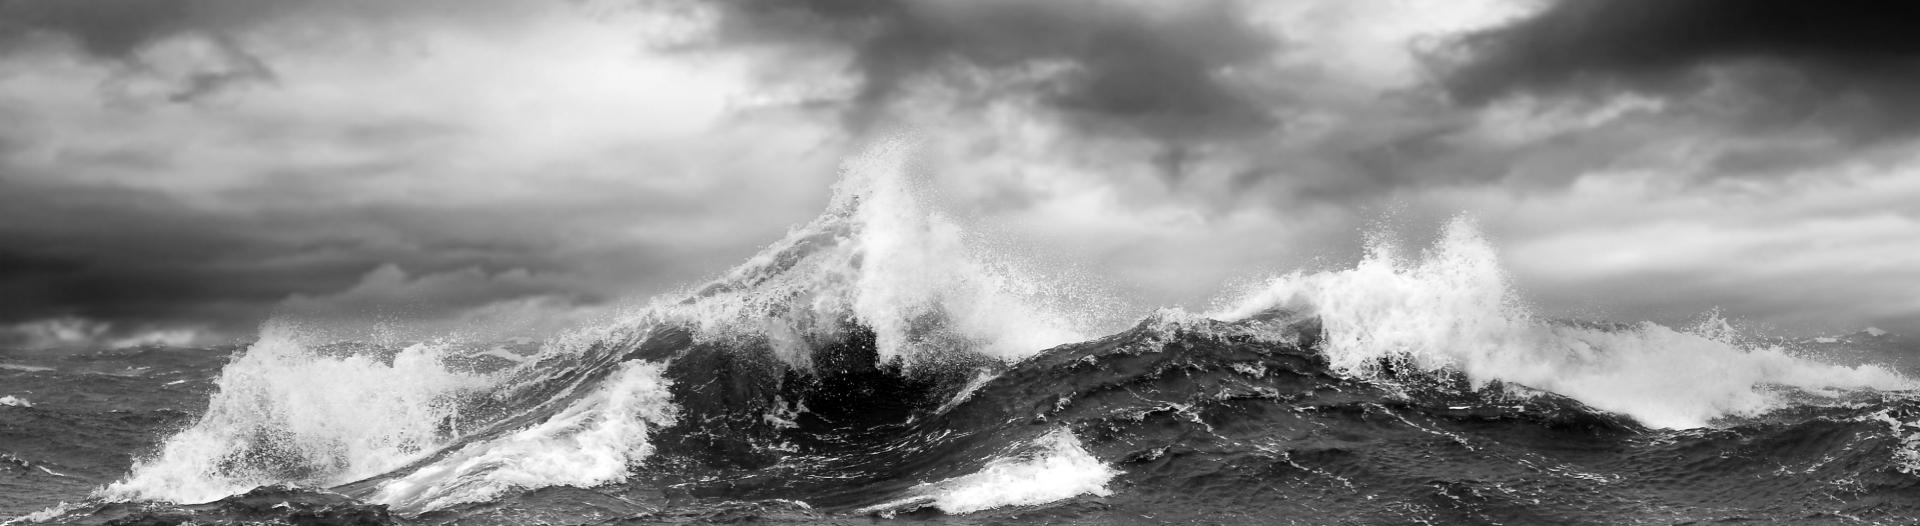 A wild stormy sea